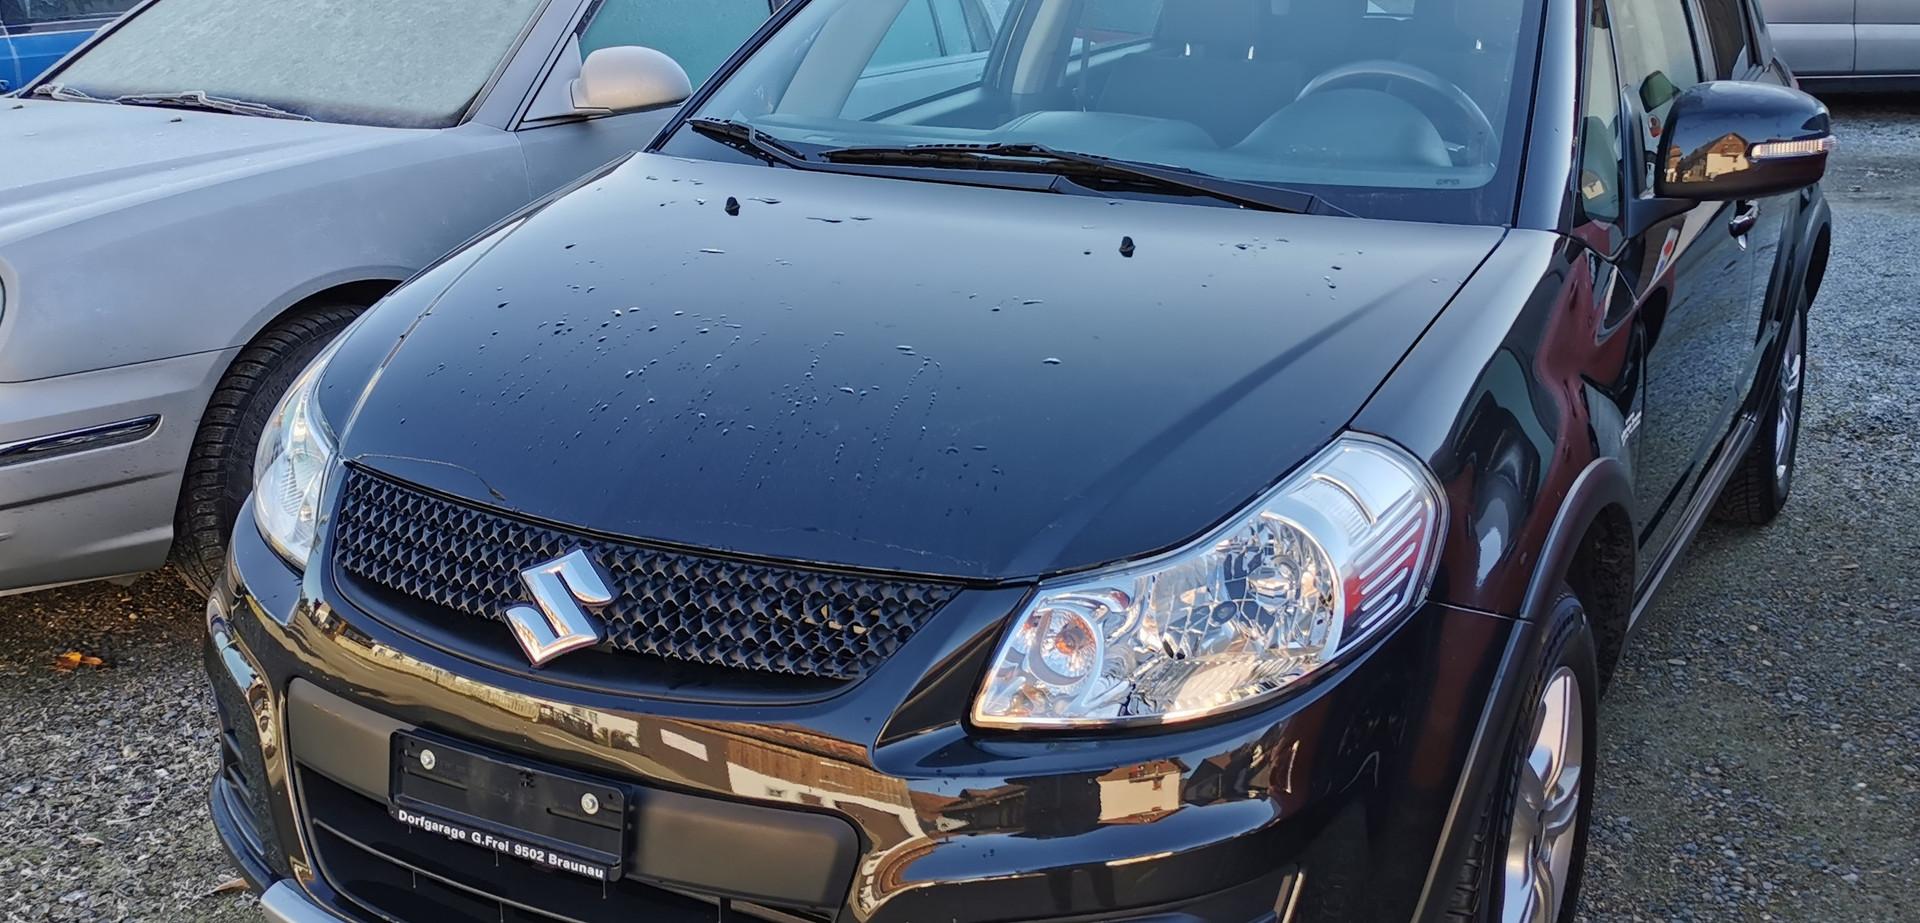 Suzuki SX4 1.6 GL Top Piz Sulai 4WD MT